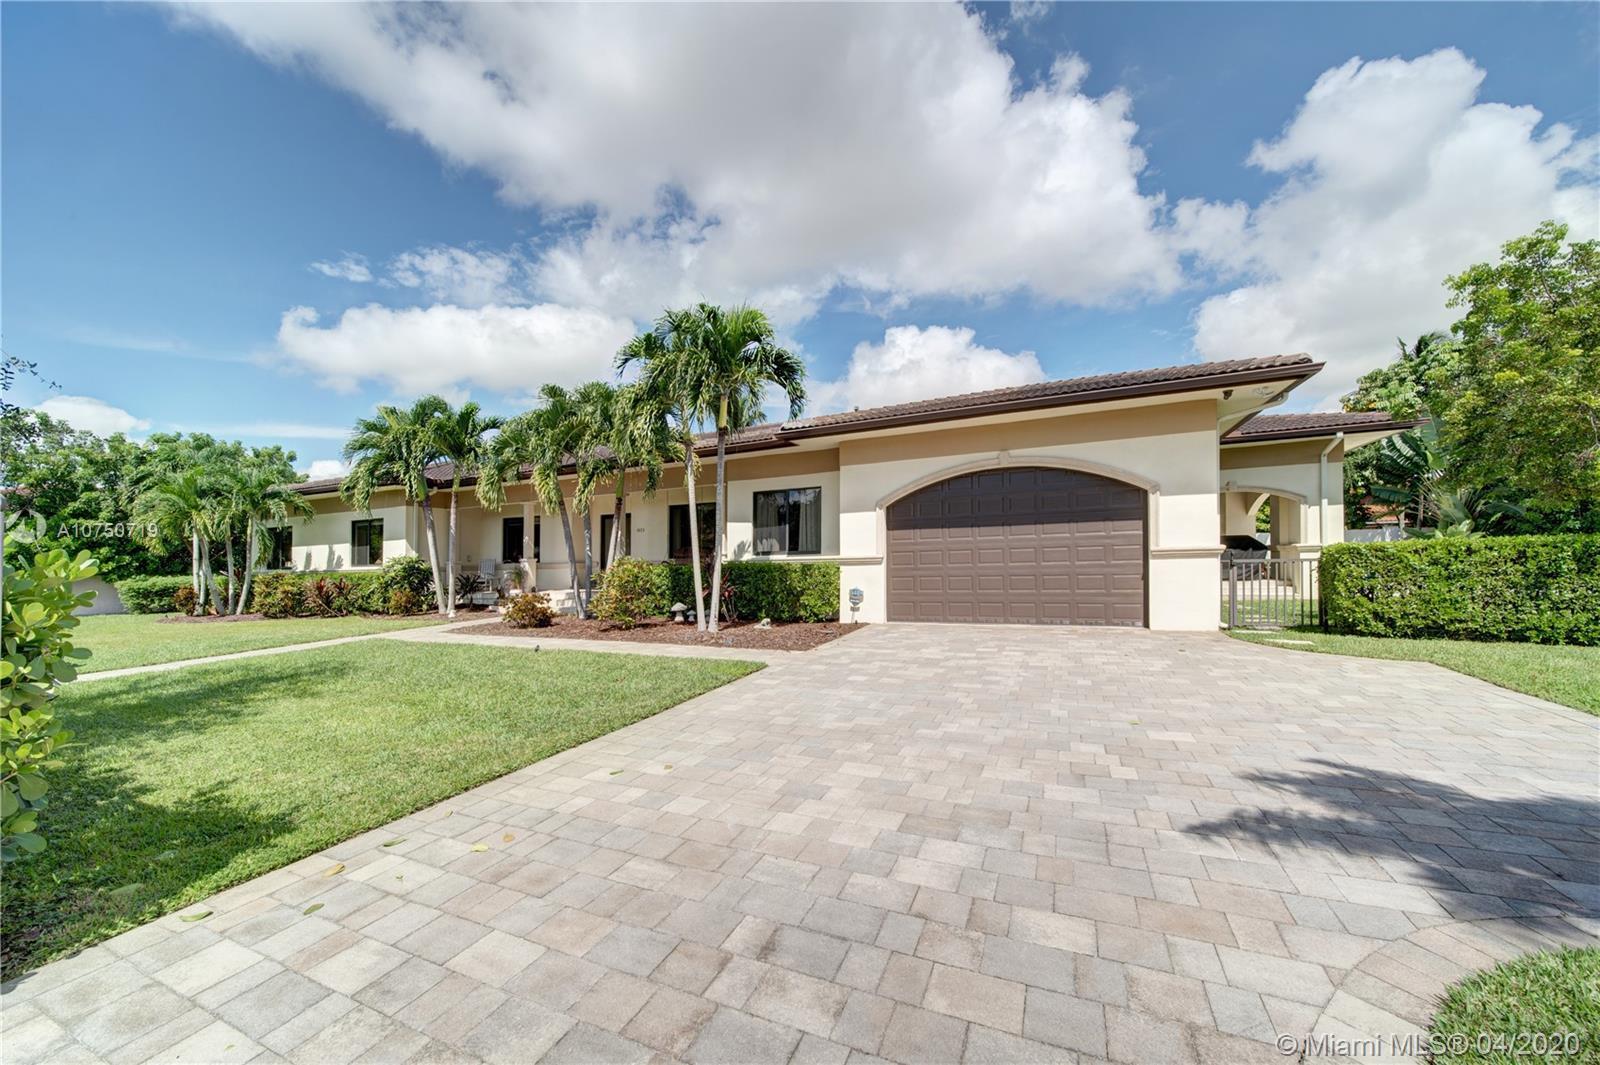 9575 SW 101st Ter, Miami, FL 33176 - Miami, FL real estate listing